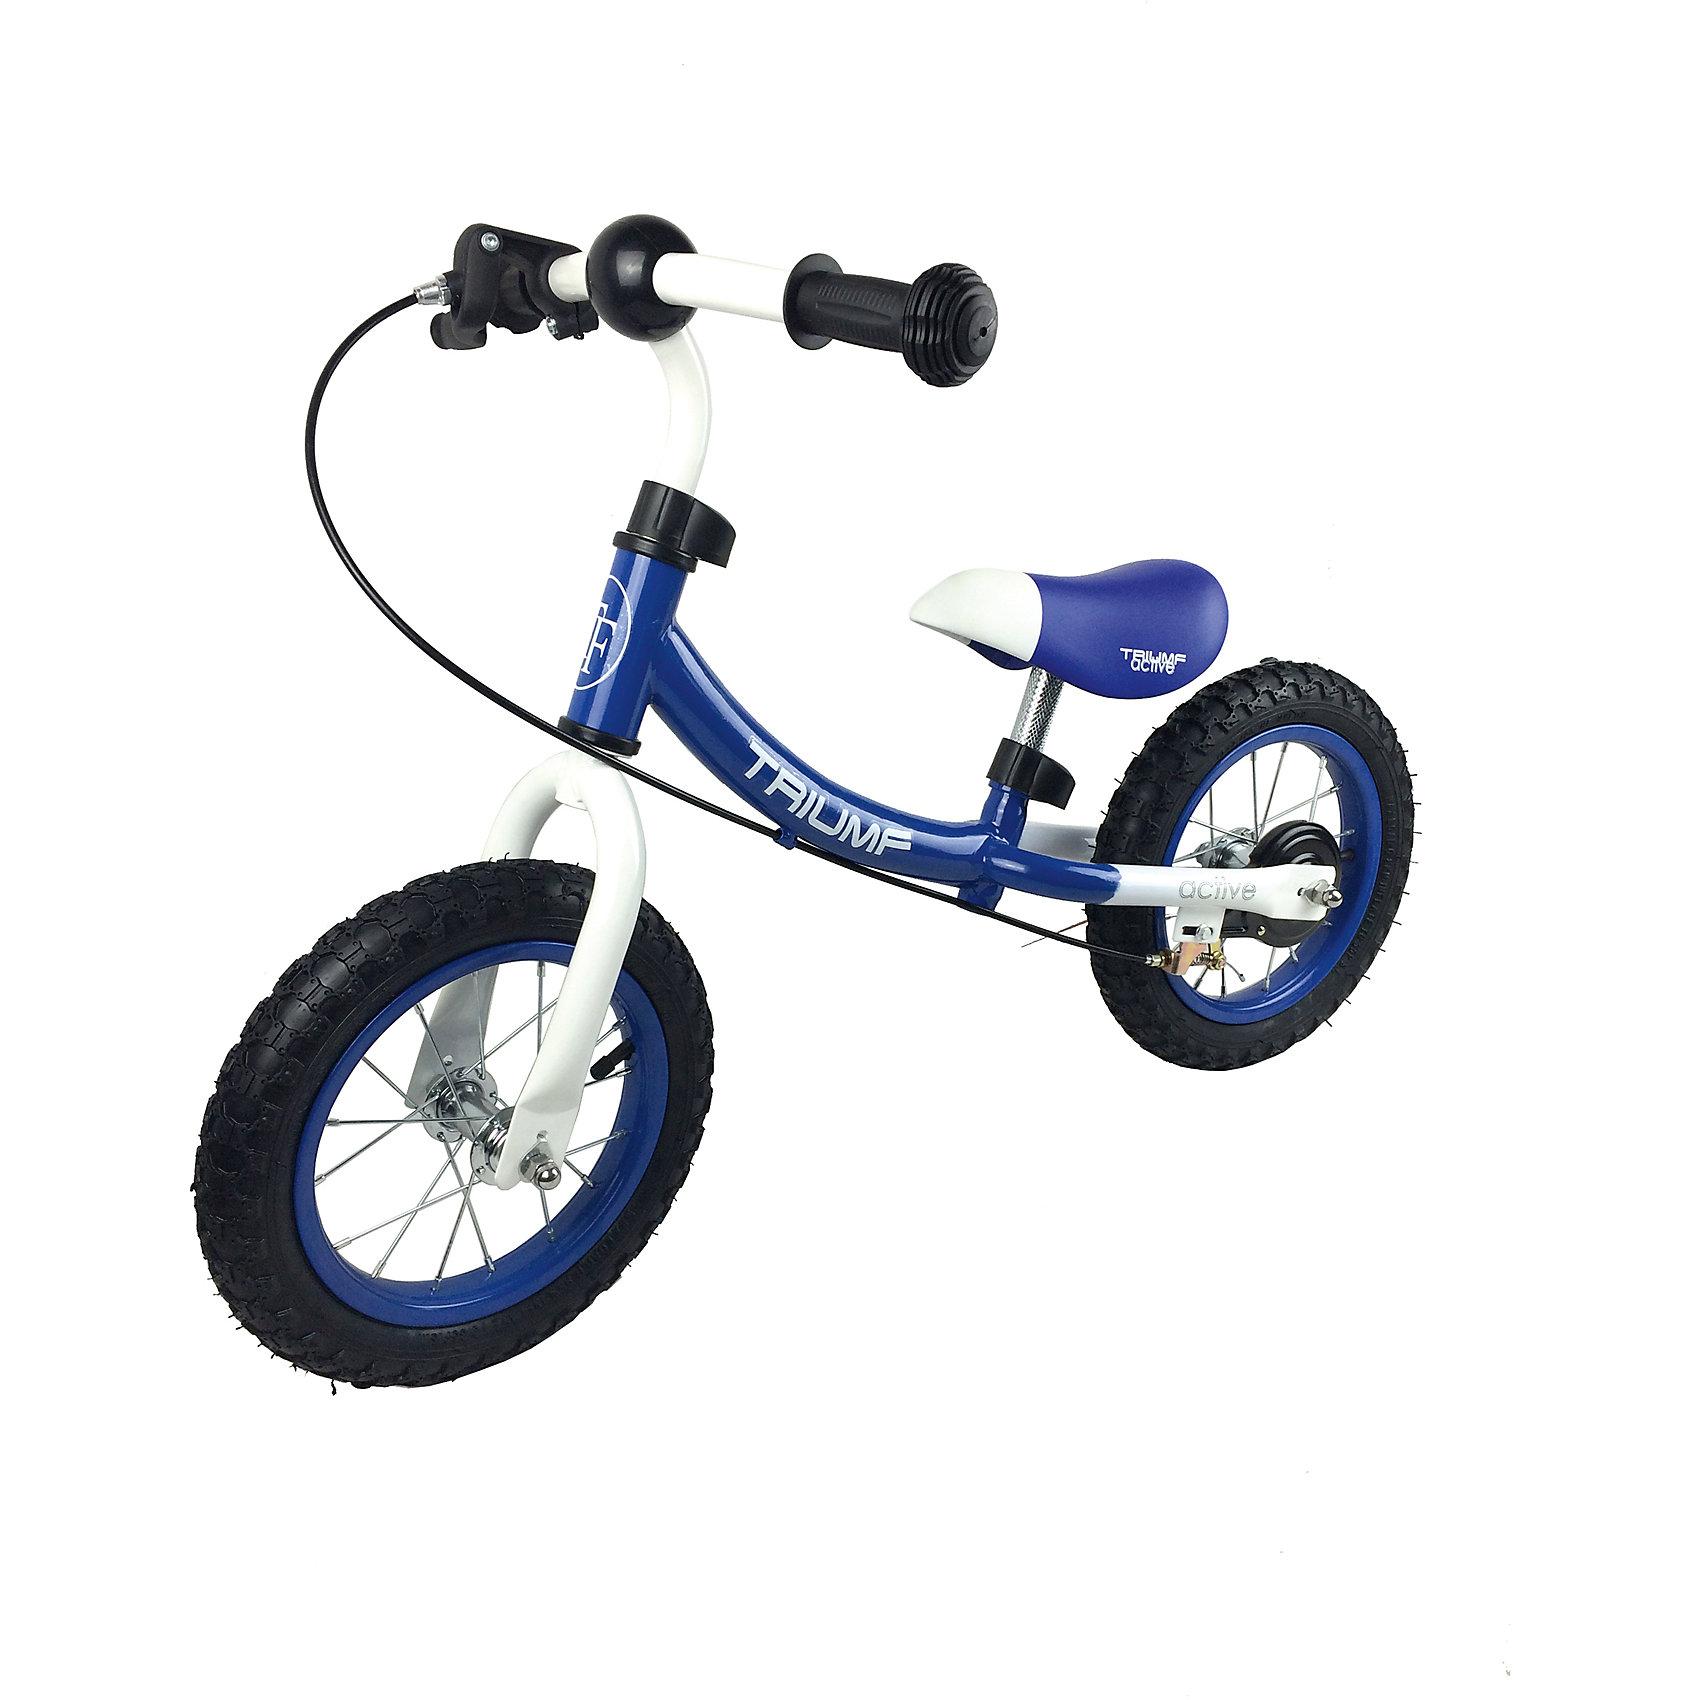 Беговел, Triumf active, синийСупер легкий беговел 2 в 1 с надувными колесами и ручным тормозом<br>Максимальный вес наездника 35кг.<br>Для детей от 2 до 5 лет.<br>Размеры (д*ш*в) 87*40*58<br>Размер колес: 12 дюймов.<br>Минимальная максимальная высота сиденья от пола: 33-37 см.<br>Минимальная максимальная высота ручки от пола: 52-55 см.<br>Масса брутто и нетто: 5.0 / 4.5 кг.<br>Прорезиненные ручки<br><br>Ширина мм: 700<br>Глубина мм: 150<br>Высота мм: 300<br>Вес г: 5000<br>Возраст от месяцев: 24<br>Возраст до месяцев: 60<br>Пол: Унисекс<br>Возраст: Детский<br>SKU: 5518983